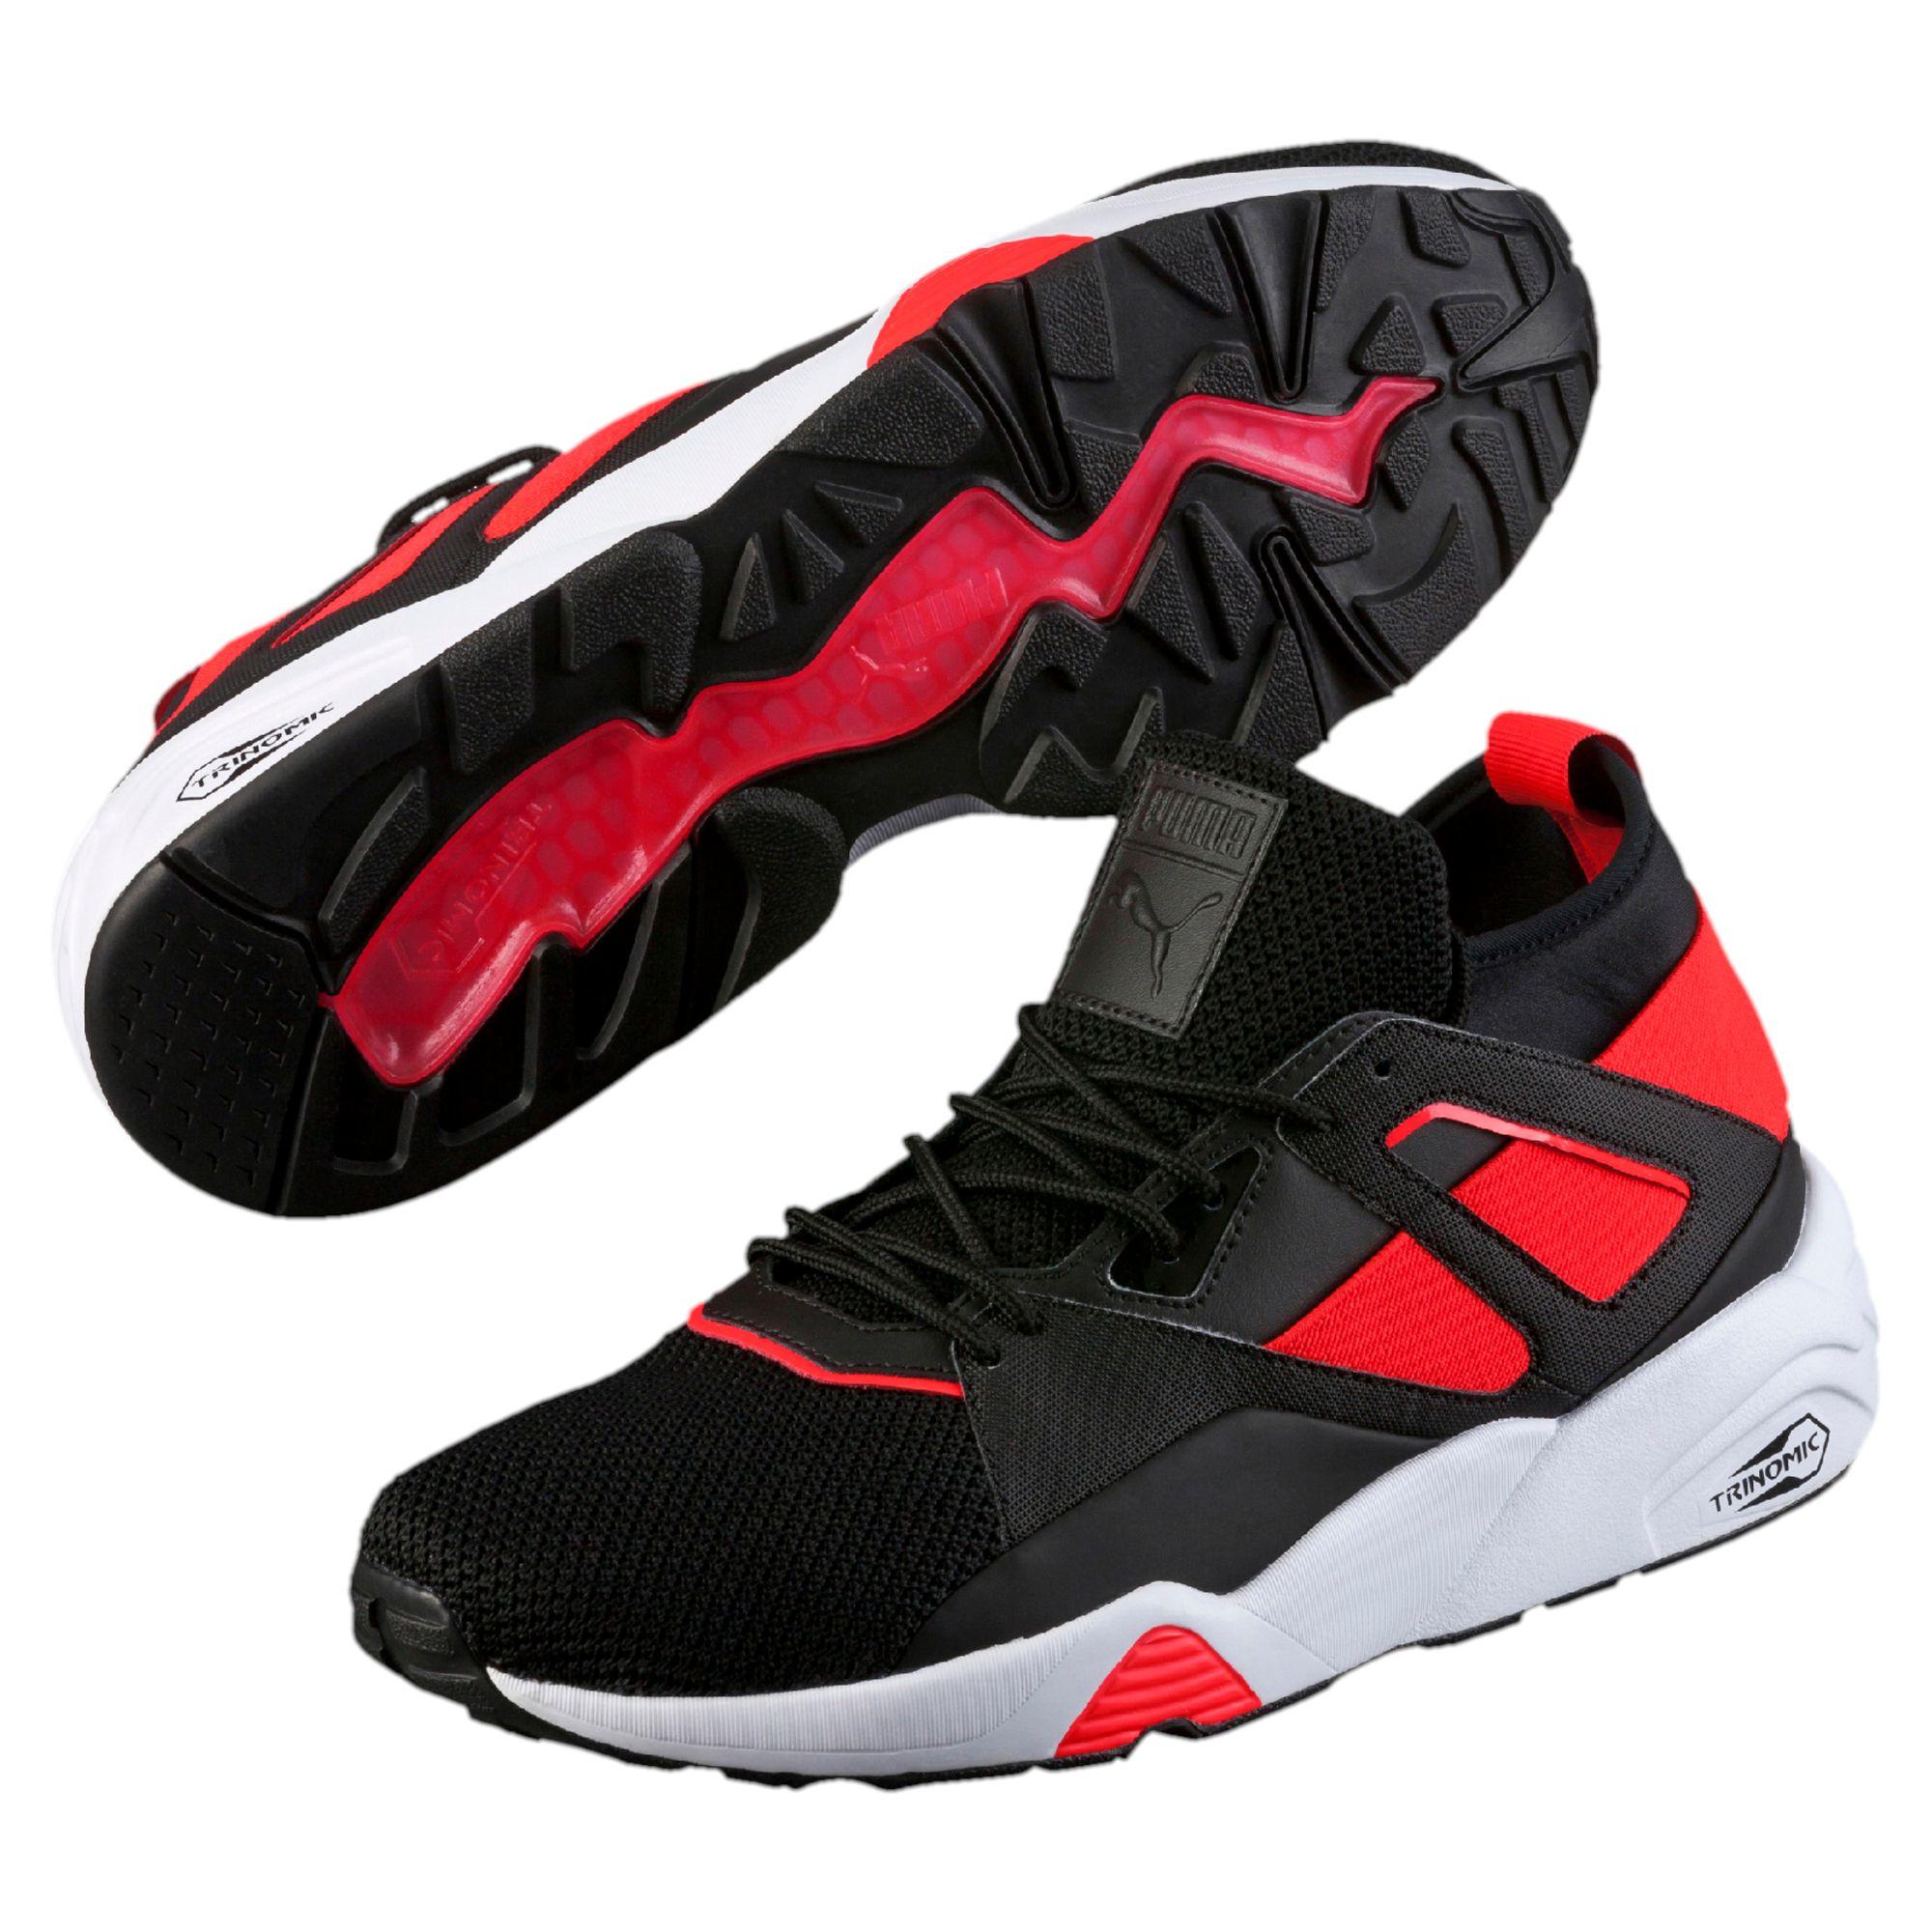 f3249dcff86e Lyst - PUMA Blaze Of Glory Sock Tech Men s Sneakers in Black for Men